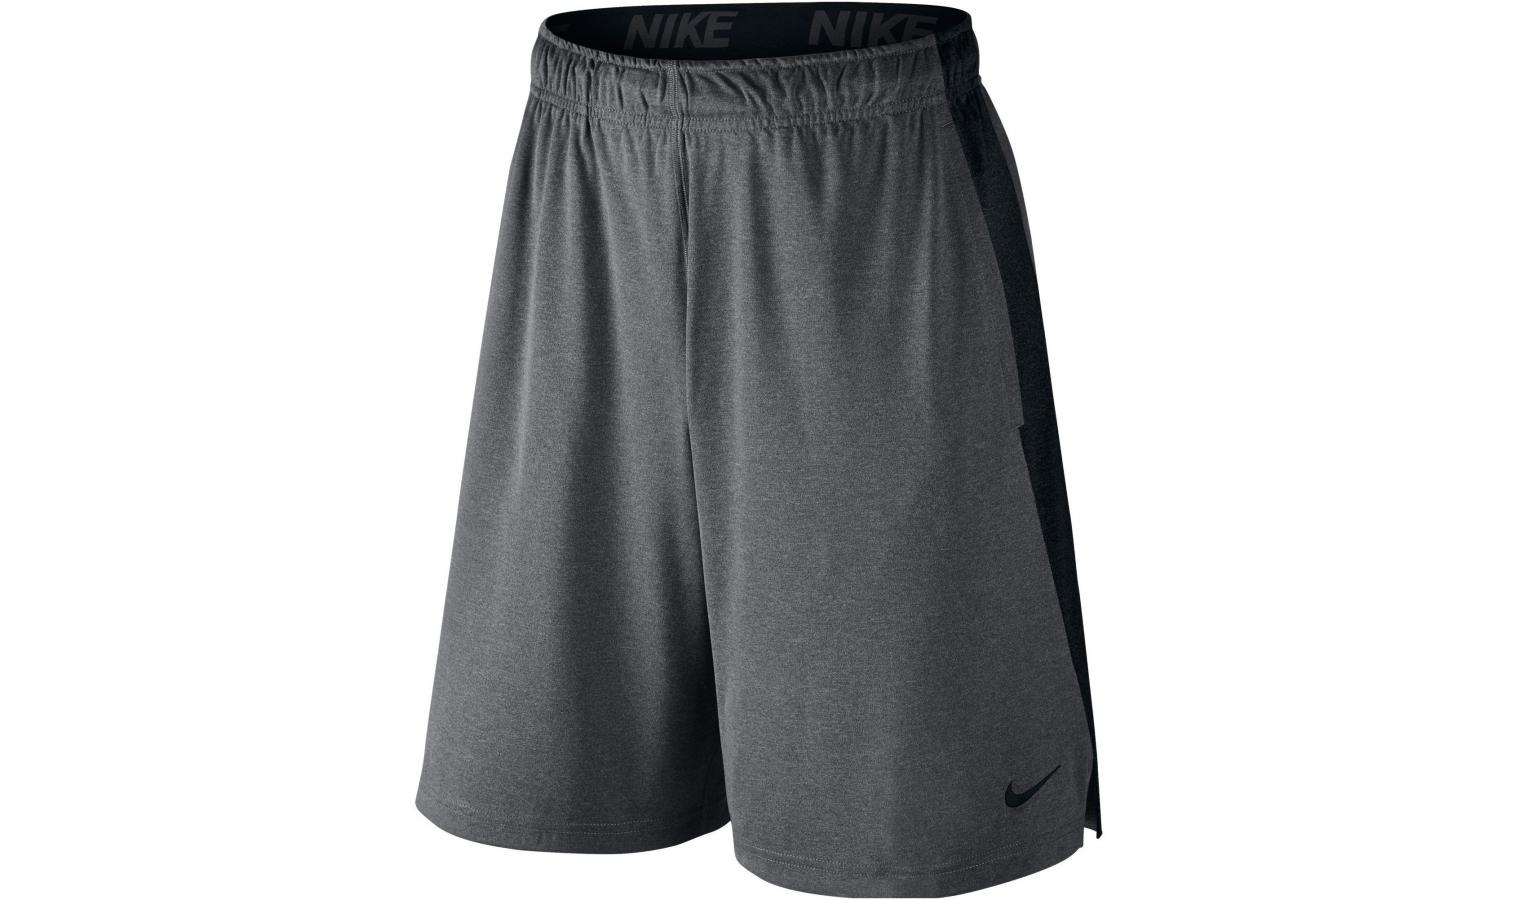 27467d02d51 Pánské sportovní kraťasy Nike M NK DRY SHORT FLY 9IN šedé